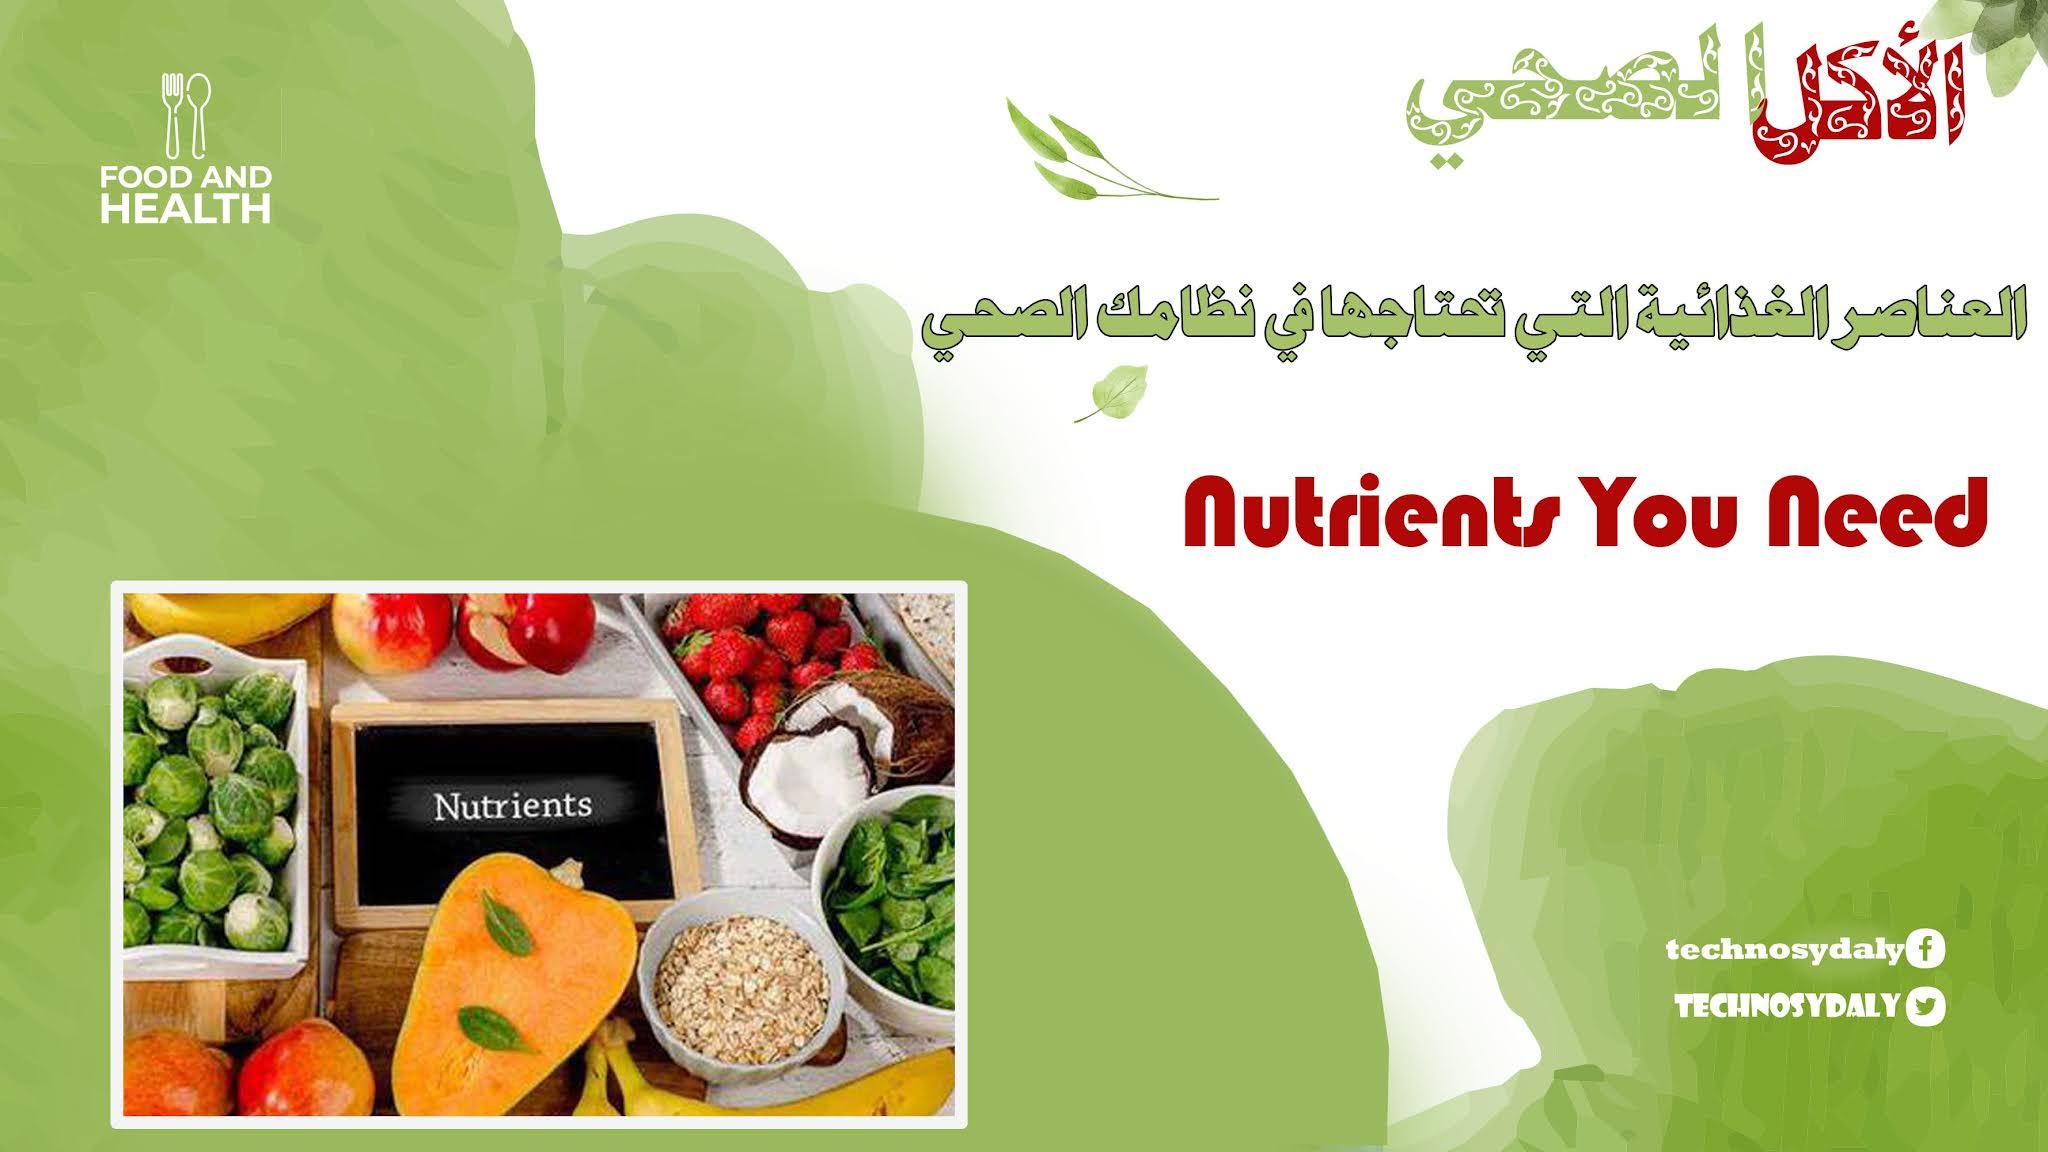 العناصر الغذائية التي تحتاجها في نظامك الصحي Nutrients You Need